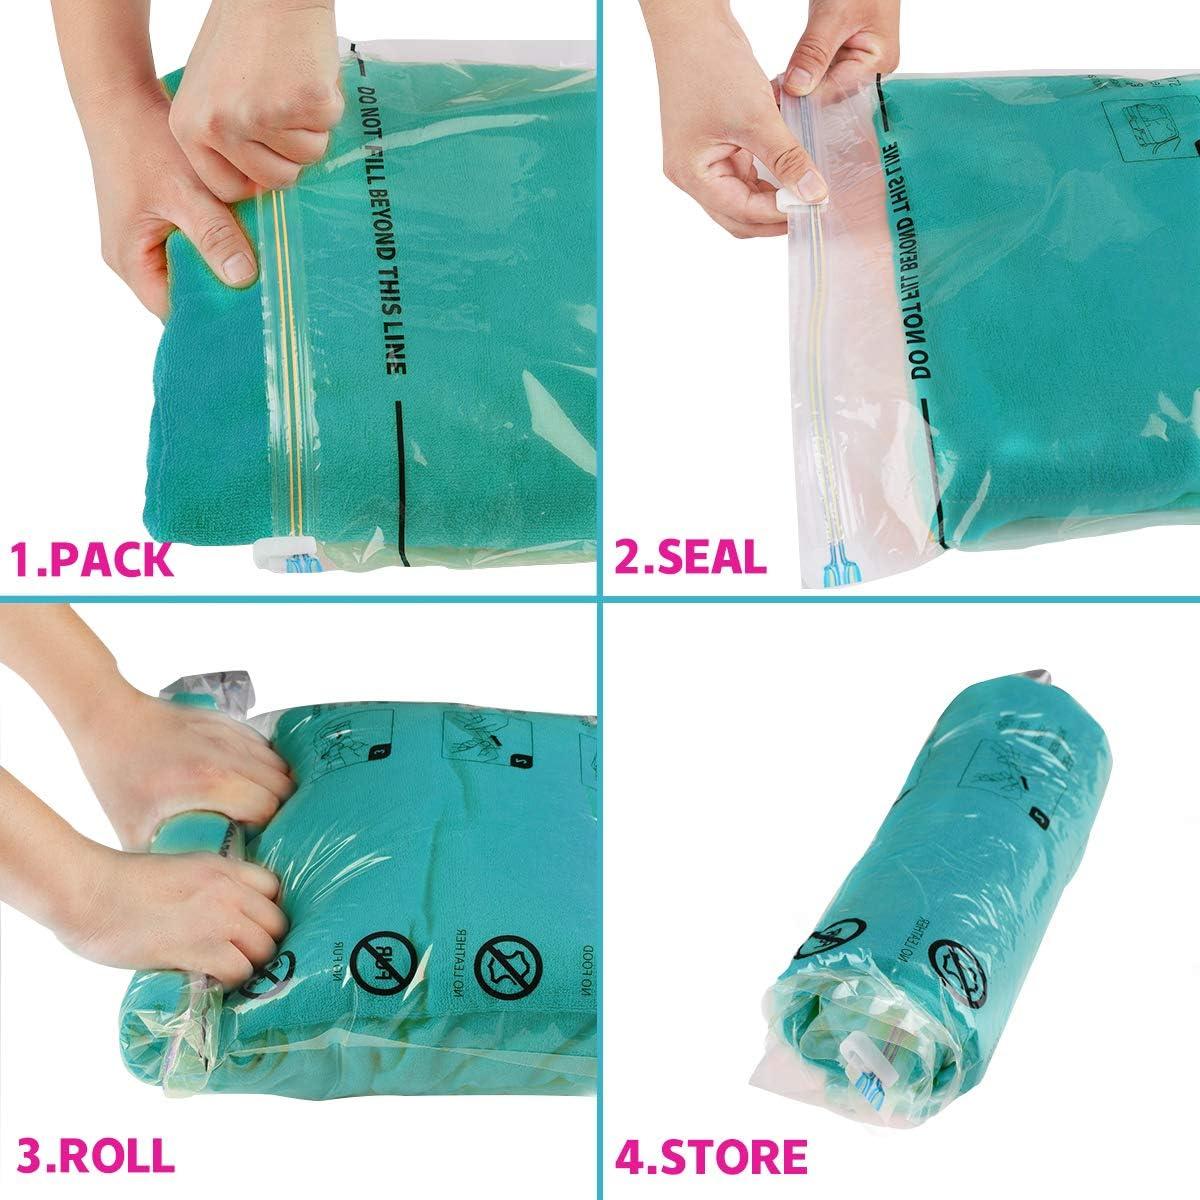 3 Small 3 Medium 3 Large 3 Jumbo /… Eono Essentials 12-Pack of Premium Vacuum Compression Bags with Hand Pump